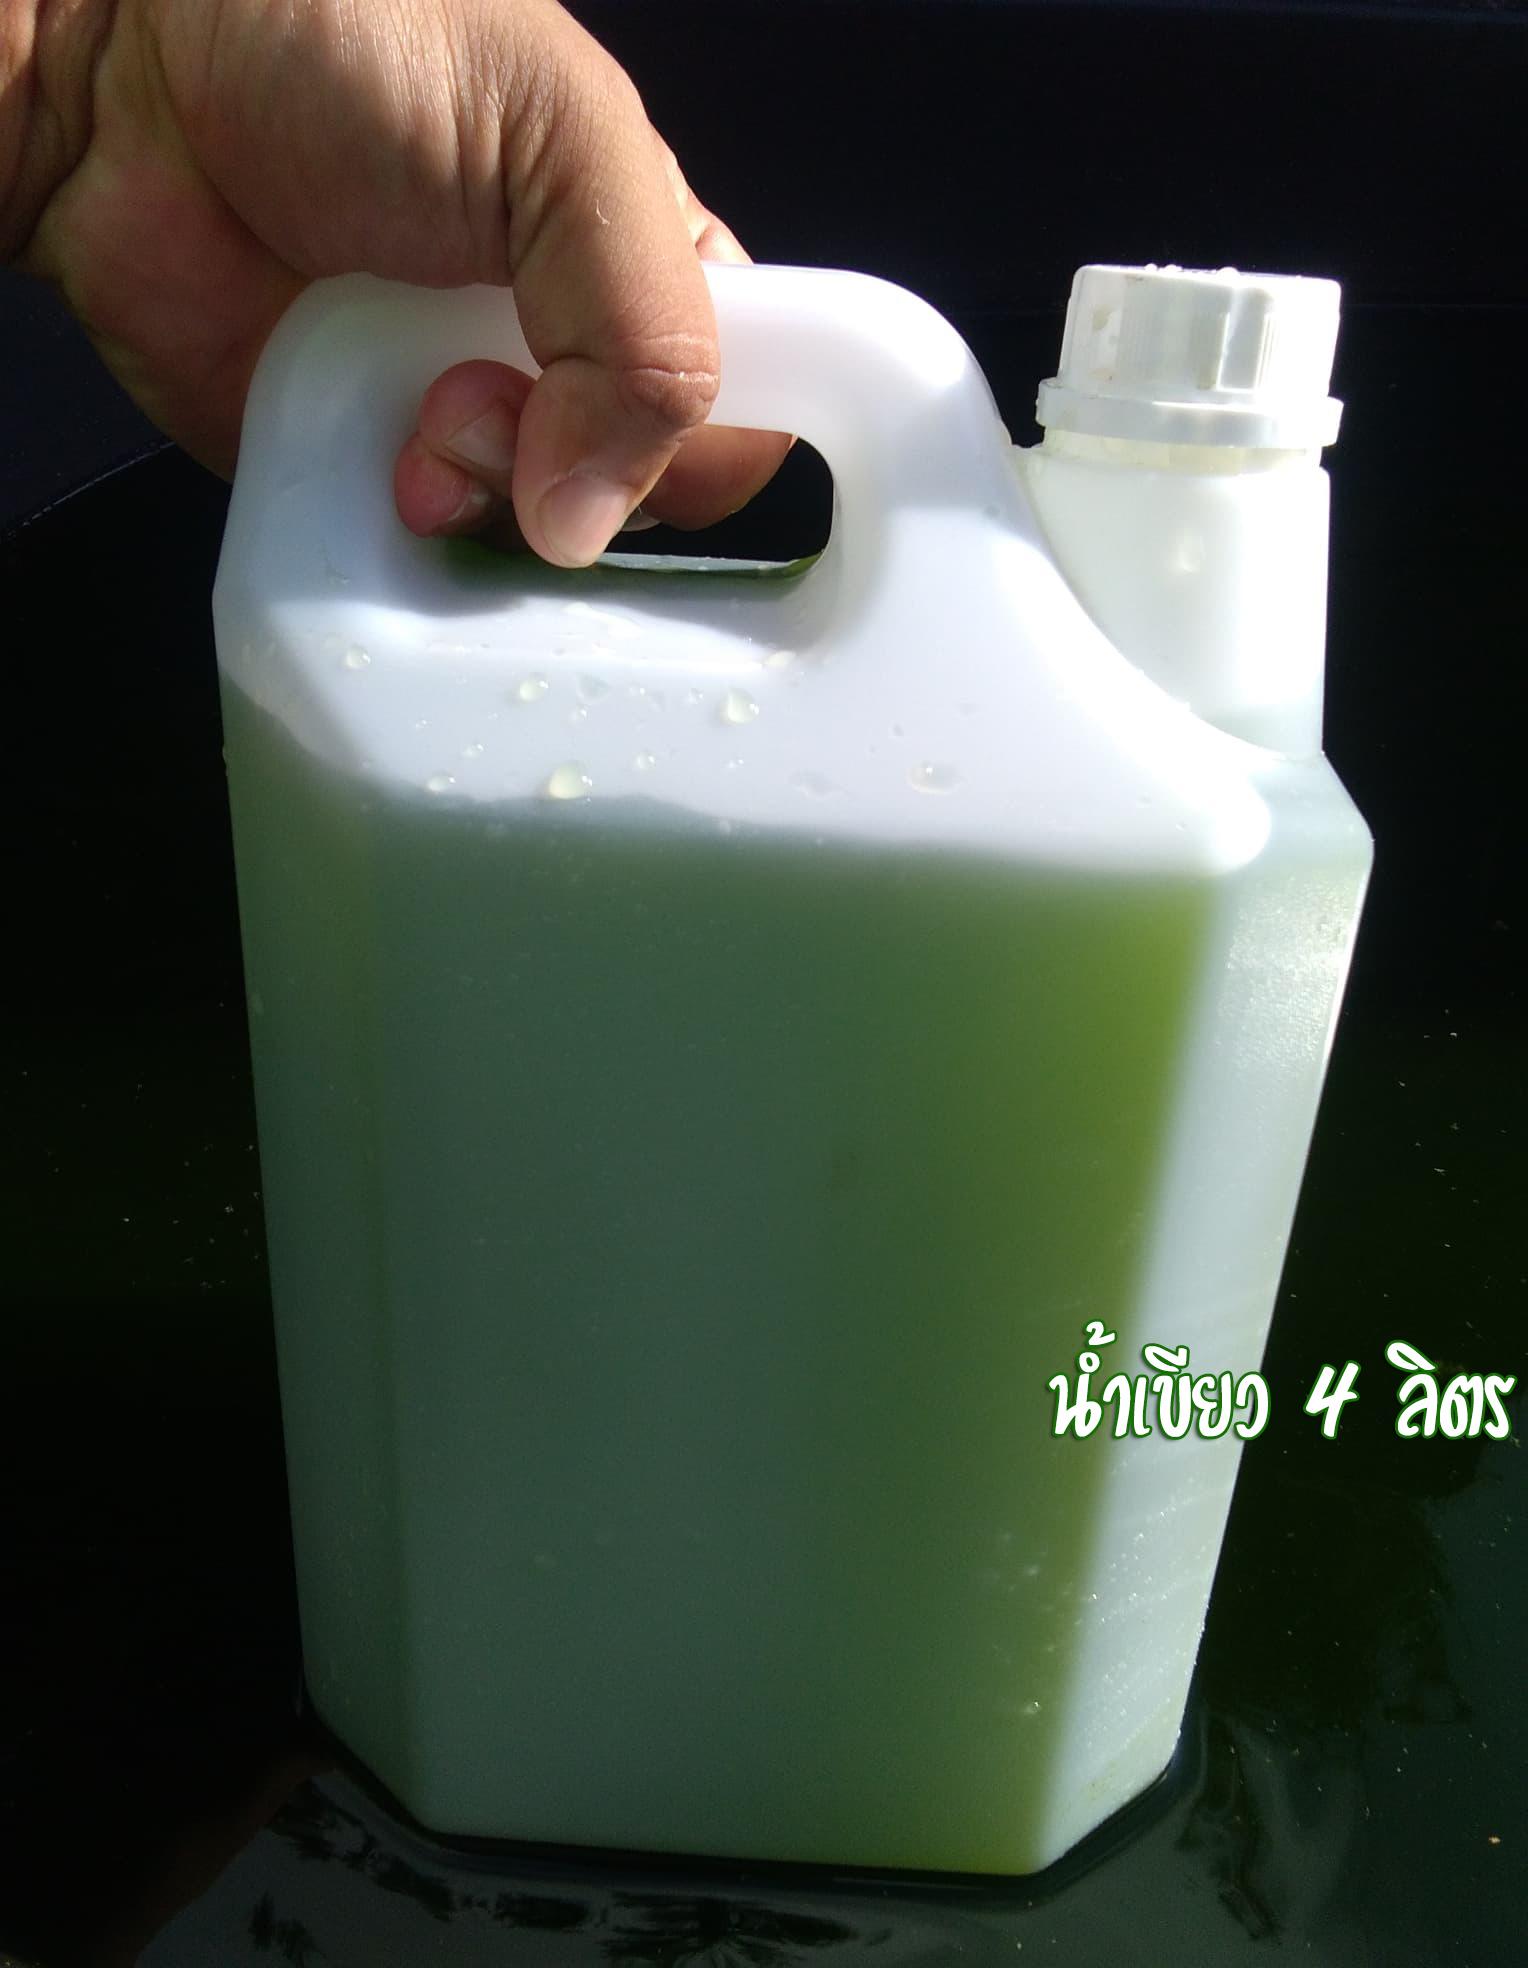 น้ำเขียว น้ำเขียวเพาะไรแดง คลอเรลล่า ขนาด 4 ลิตร (4000ML.)